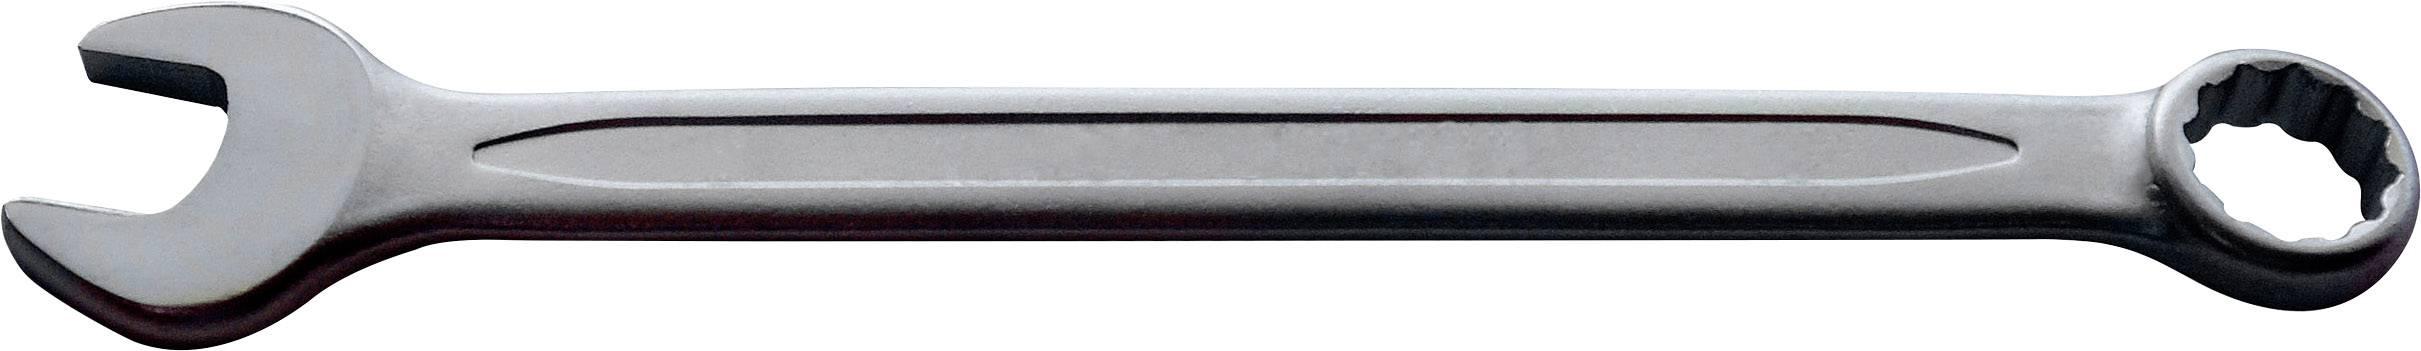 Očkoplochý kľúč TOOLCRAFT 820838, N/A, 17 mm